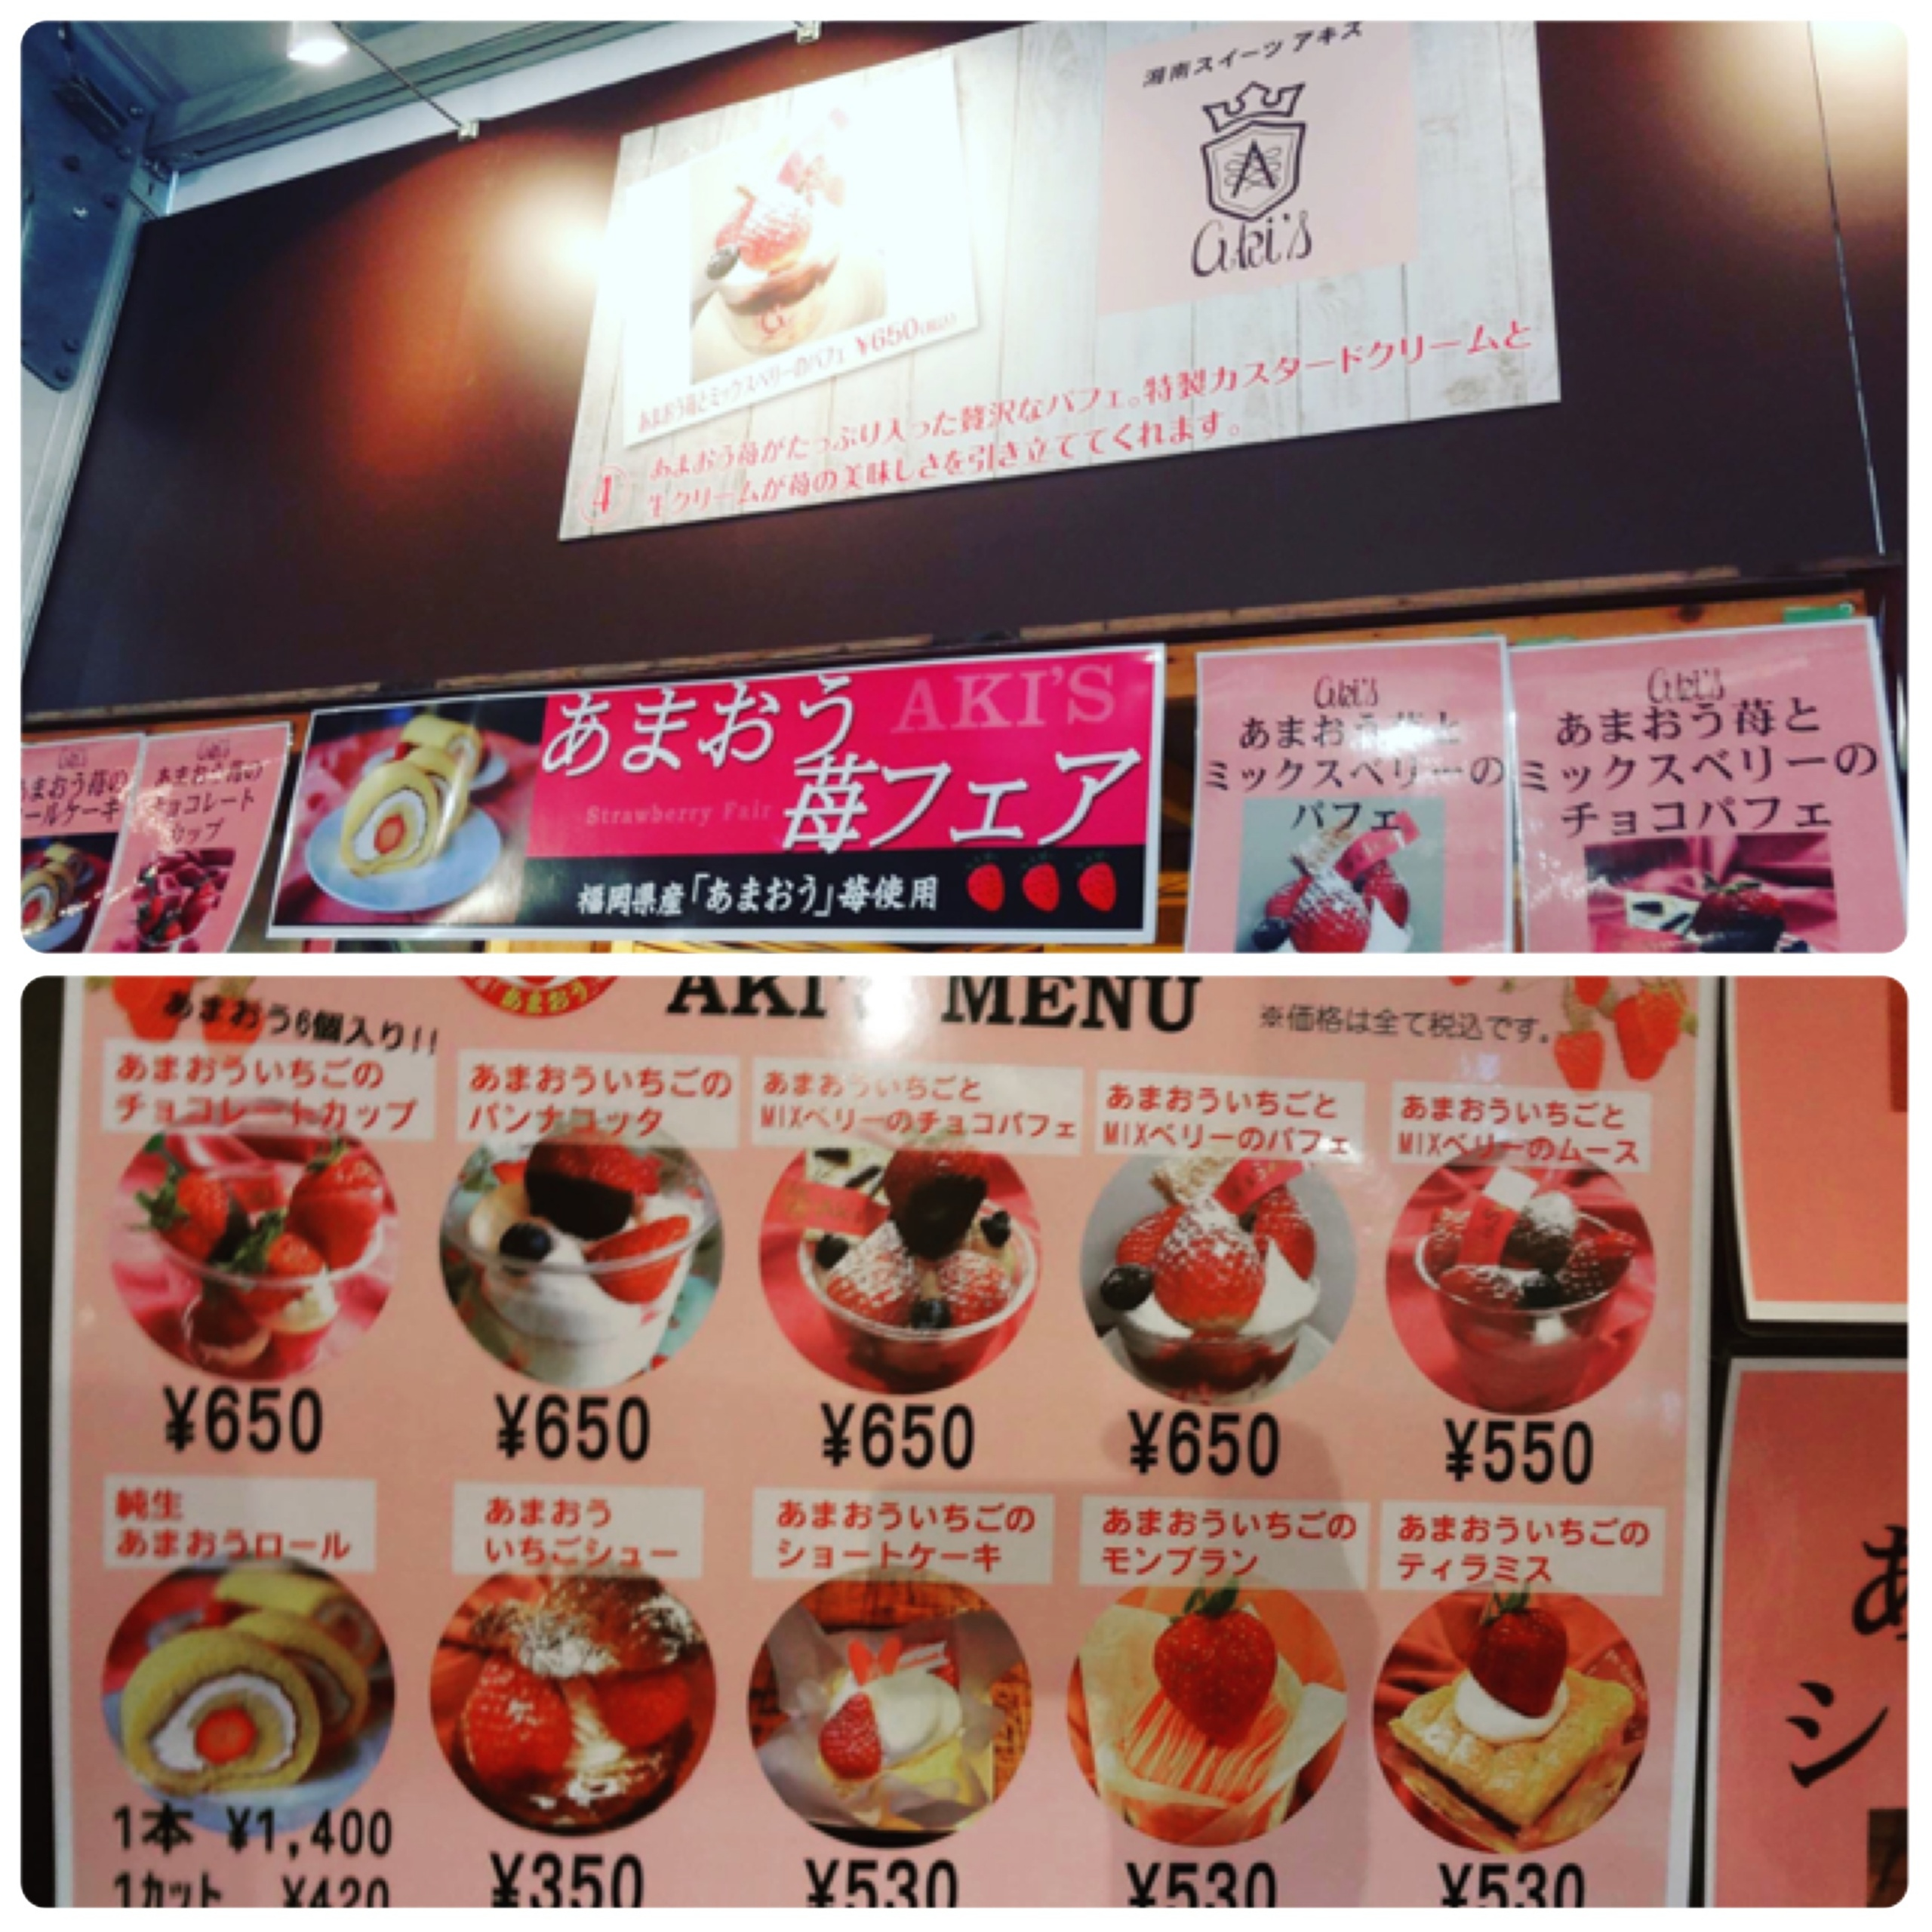 【イベント情報】いちご好き集まれー!横浜ストロベリーフェスティバルで苺スイーツまみれ♡苺の無料サンプリング情報も✨≪samenyan≫_5